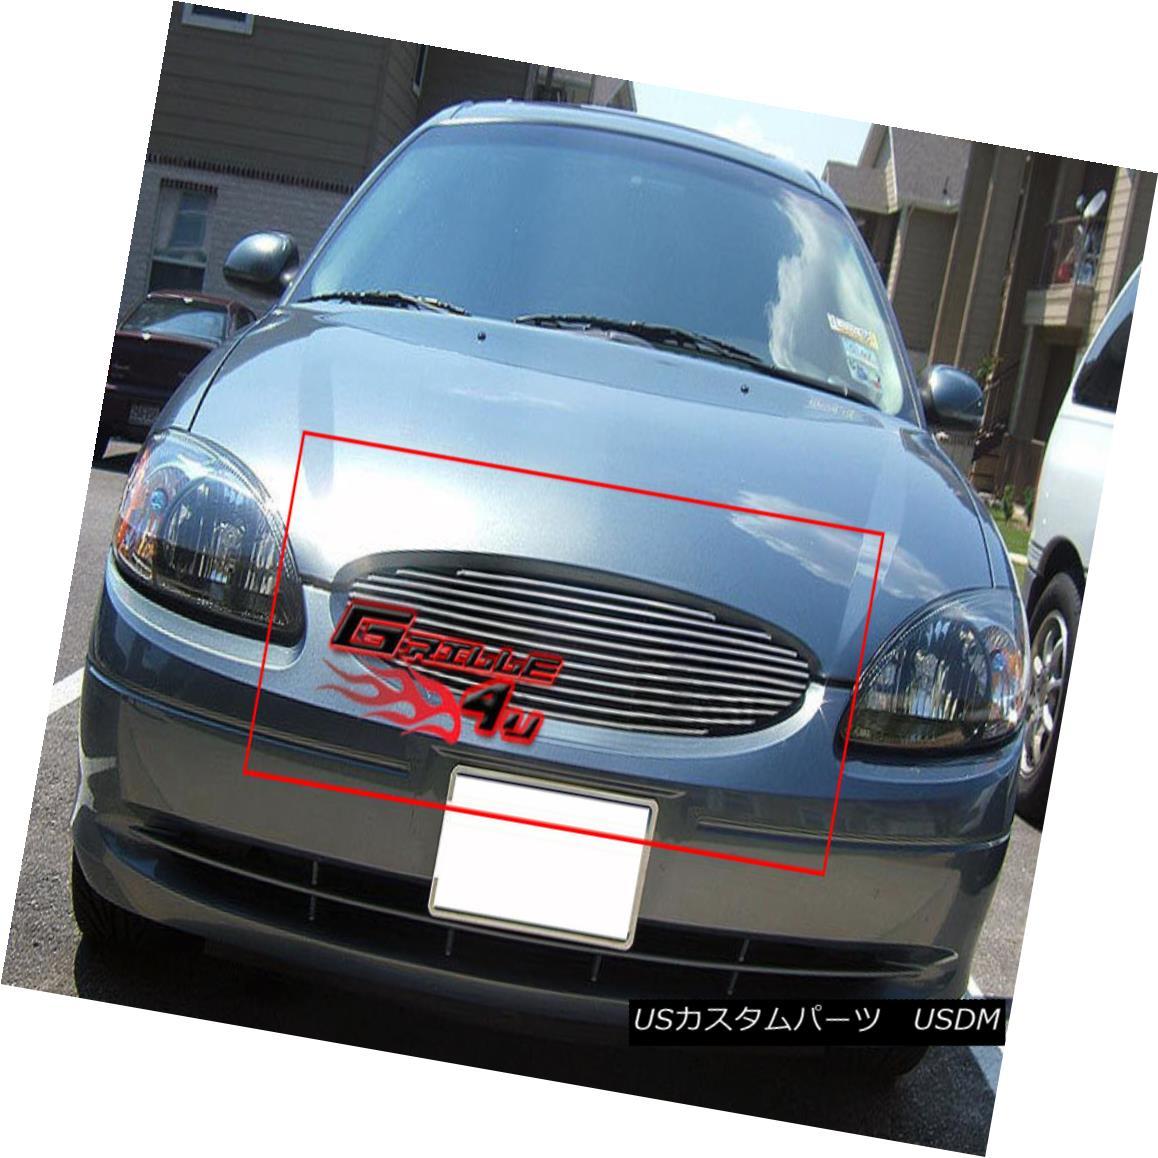 グリル Fits 2000-2003 Ford Taurus Main Upper Billet Grille Insert フィッティング2000-2003 Ford Taurusメインアッパービレットグリルインサート